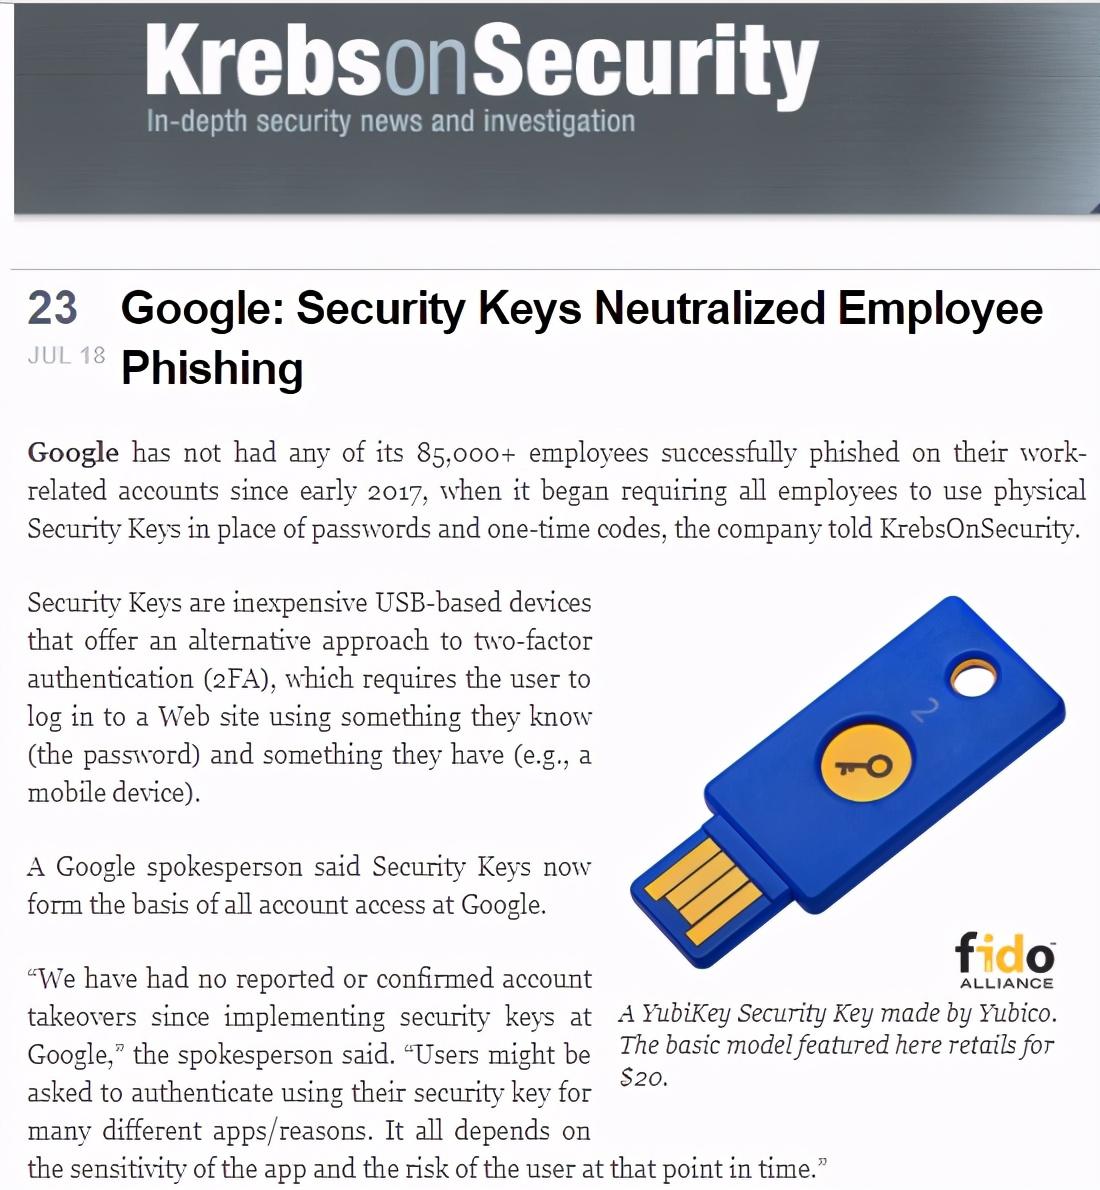 小小的 USB 安全密钥,蕴含着大大的身份验证技能